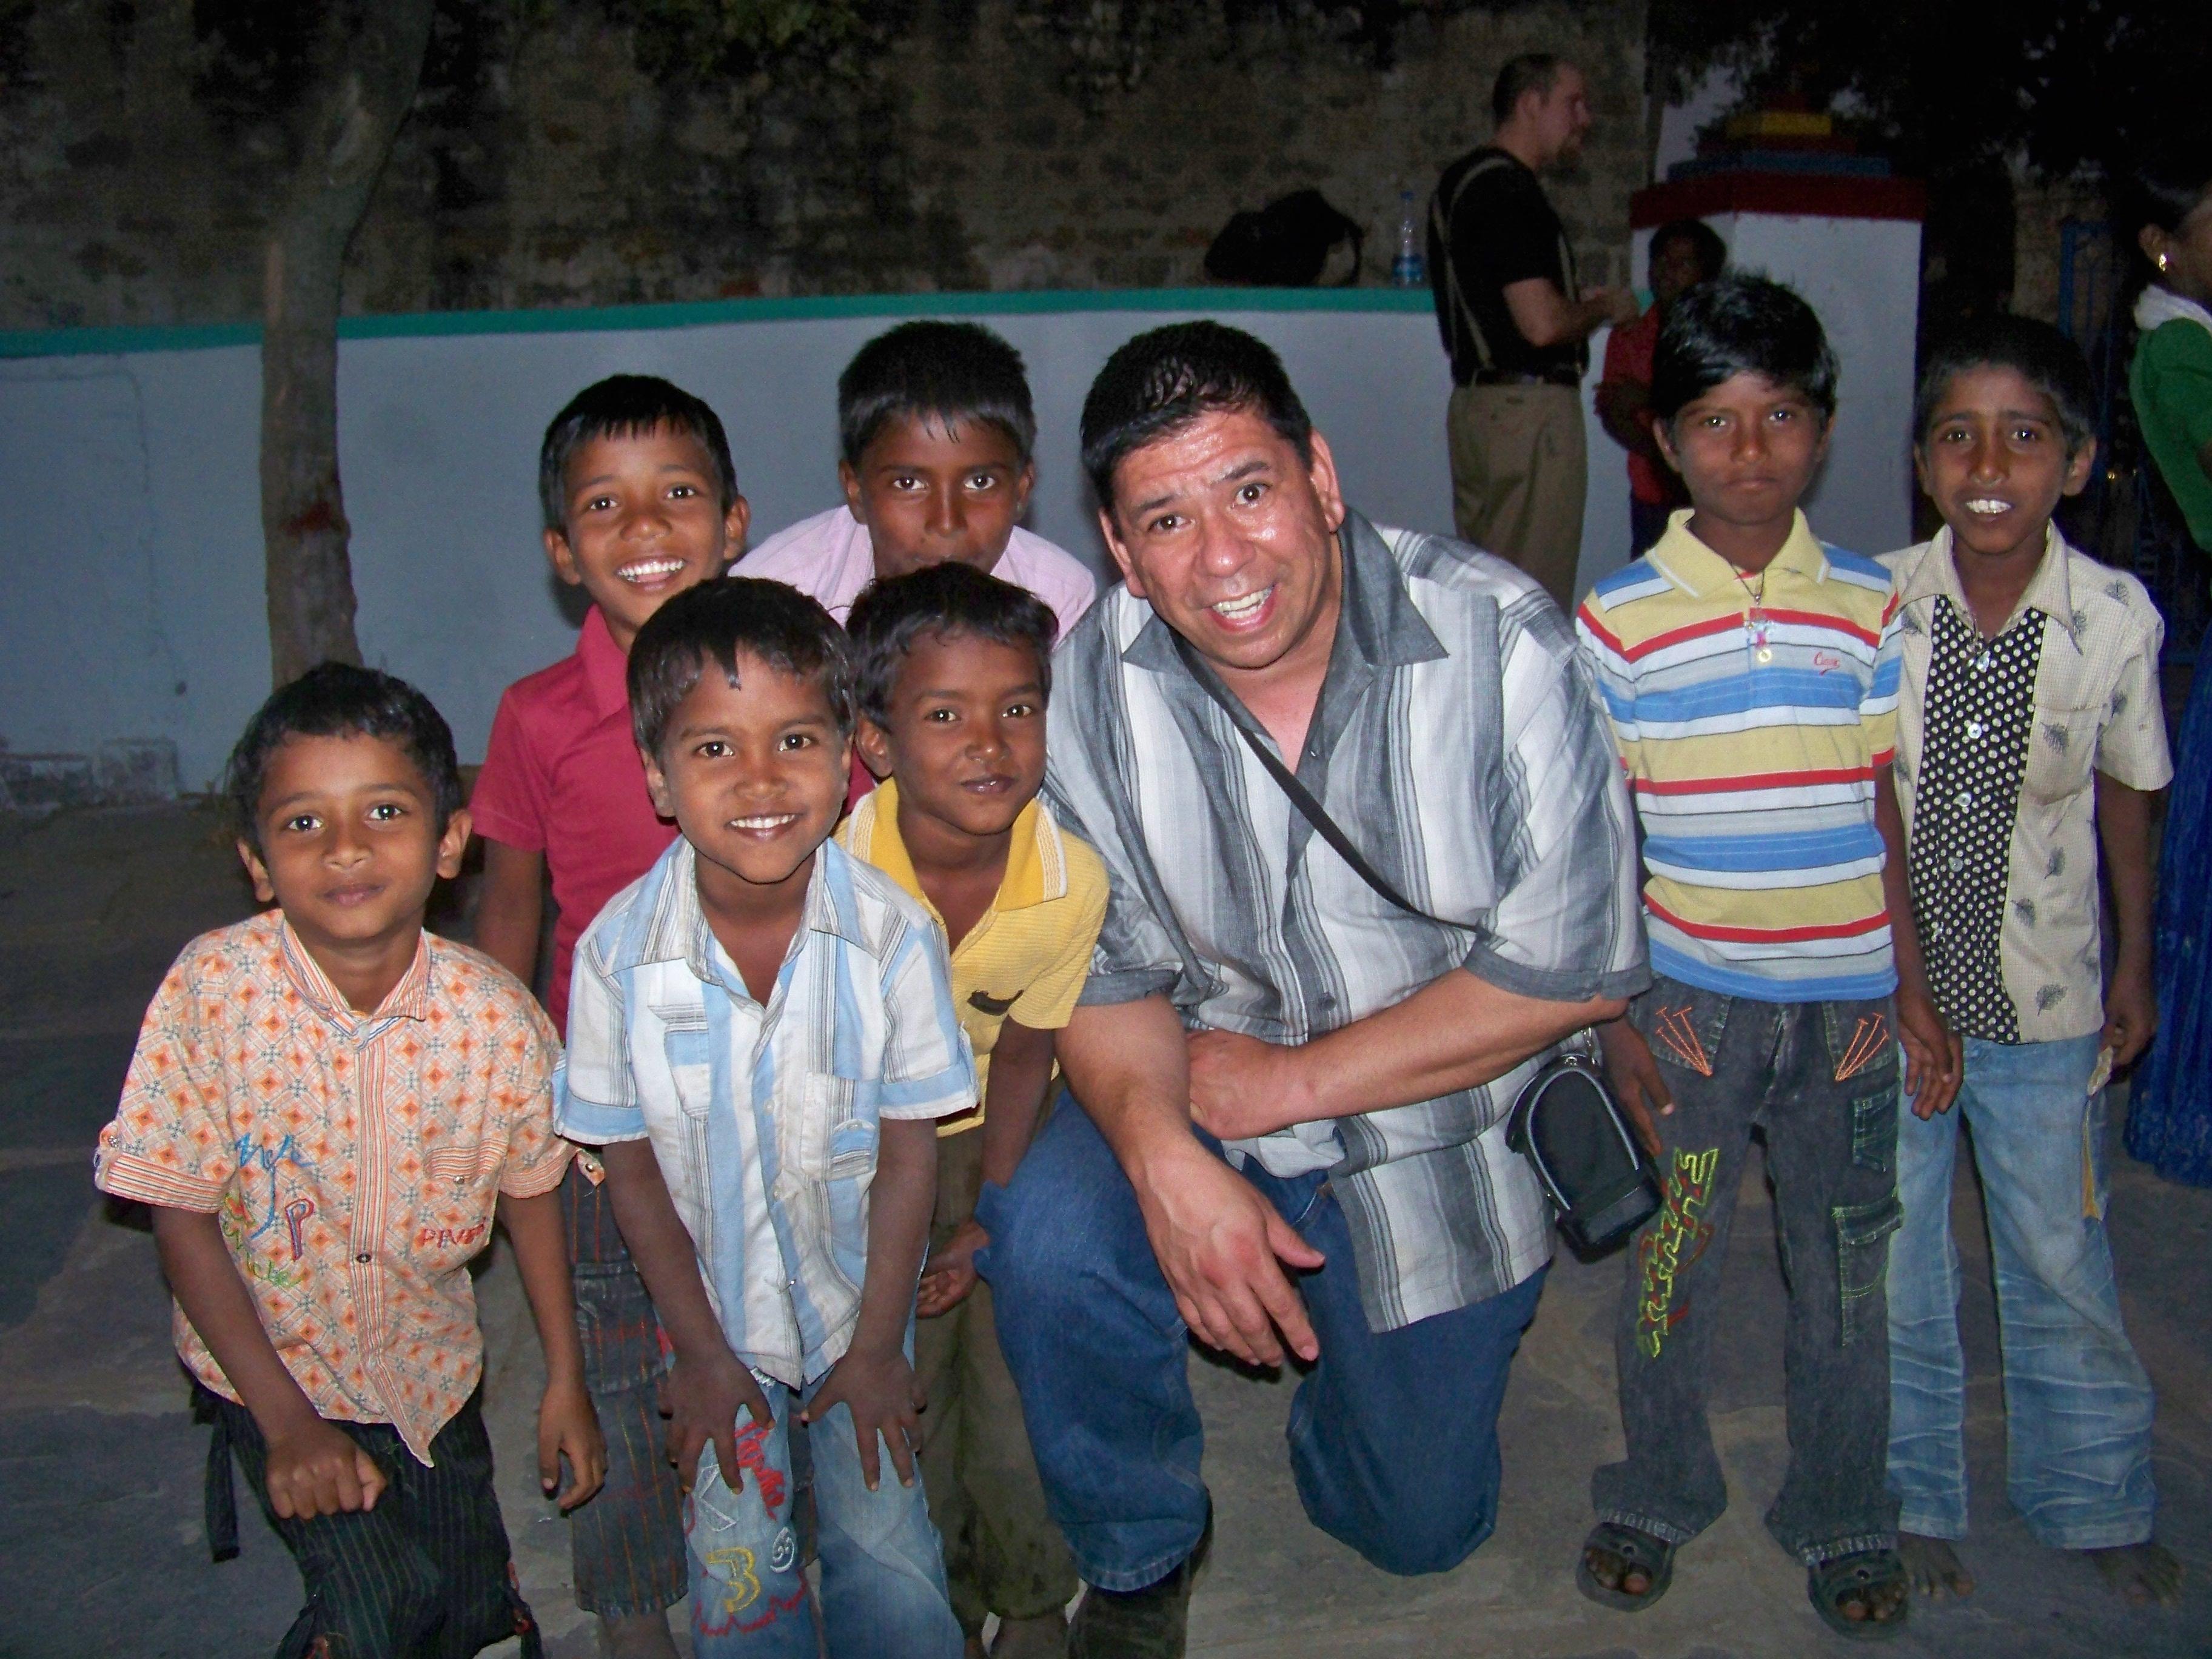 Max Navarro and children in Mexico